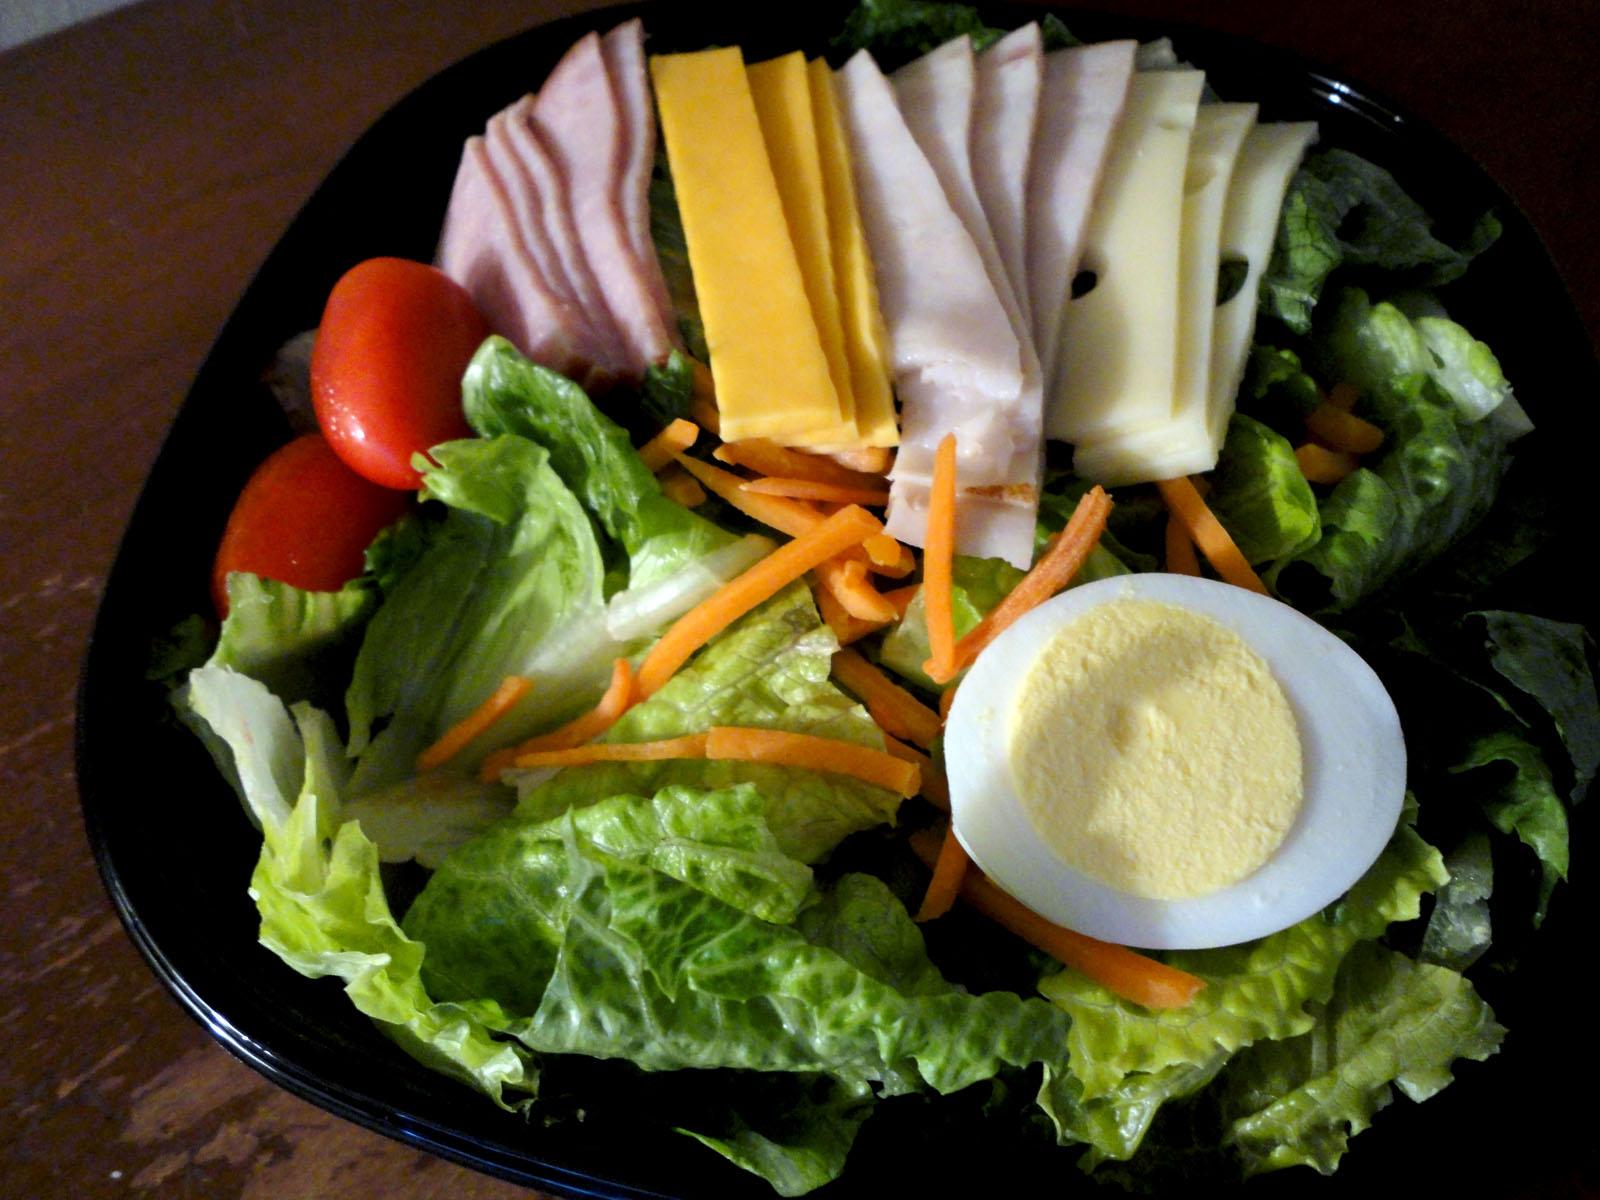 Chef salad - Wikipedia